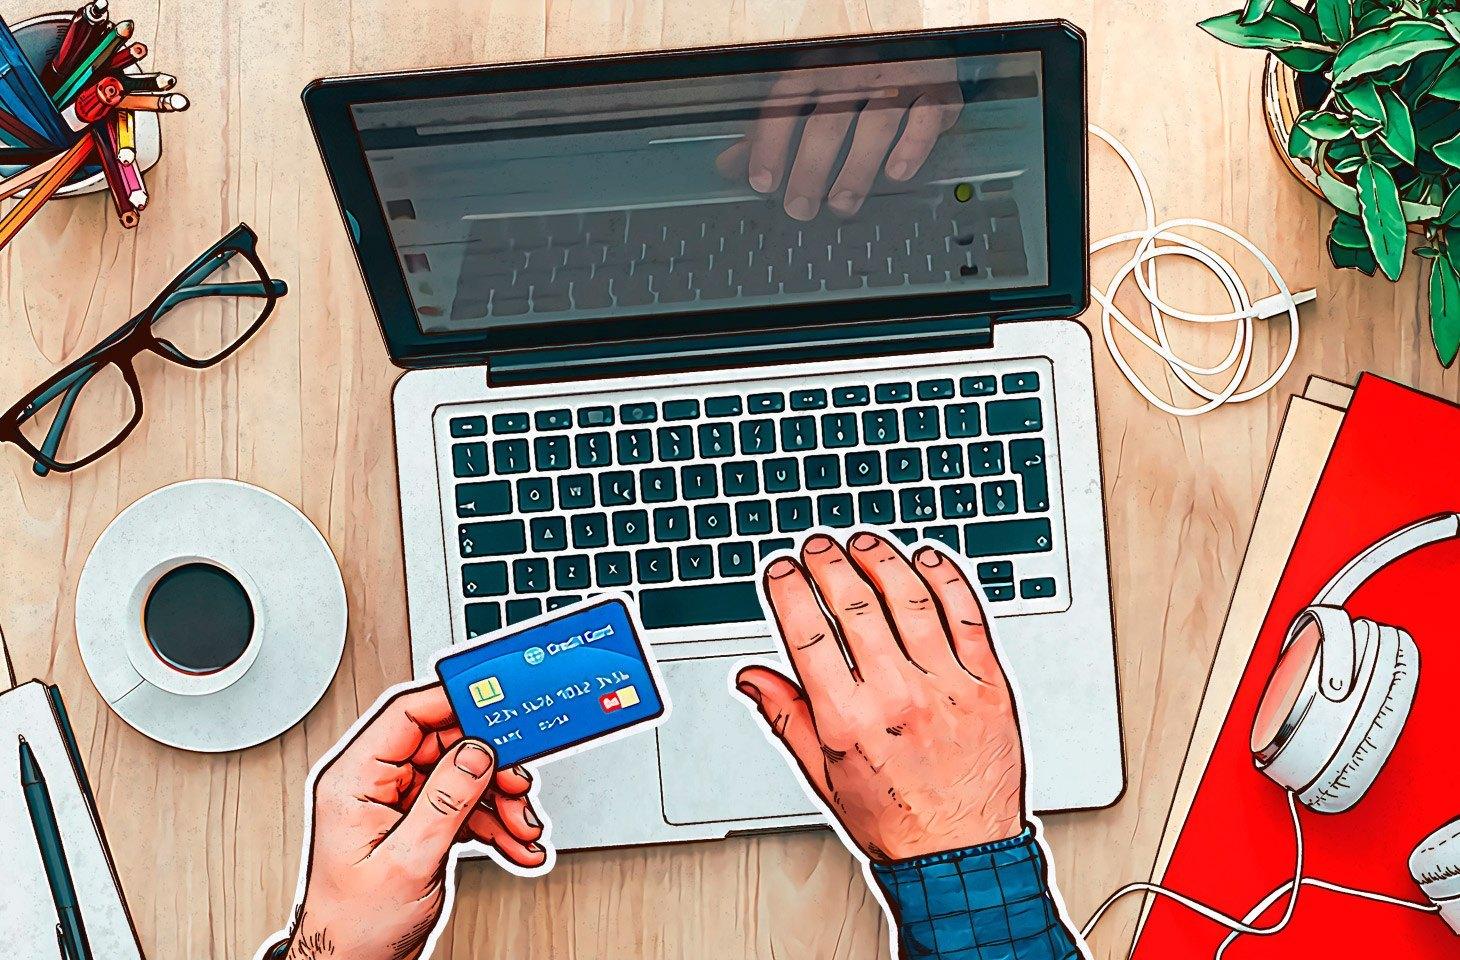 1493337441 kaspersky effectuez des achats en ligne et des operations bancaires sur votre mac en toute securite - Kaspersky: Effectuez des achats en ligne et des opérations bancaires sur votre Mac en toute sécurité